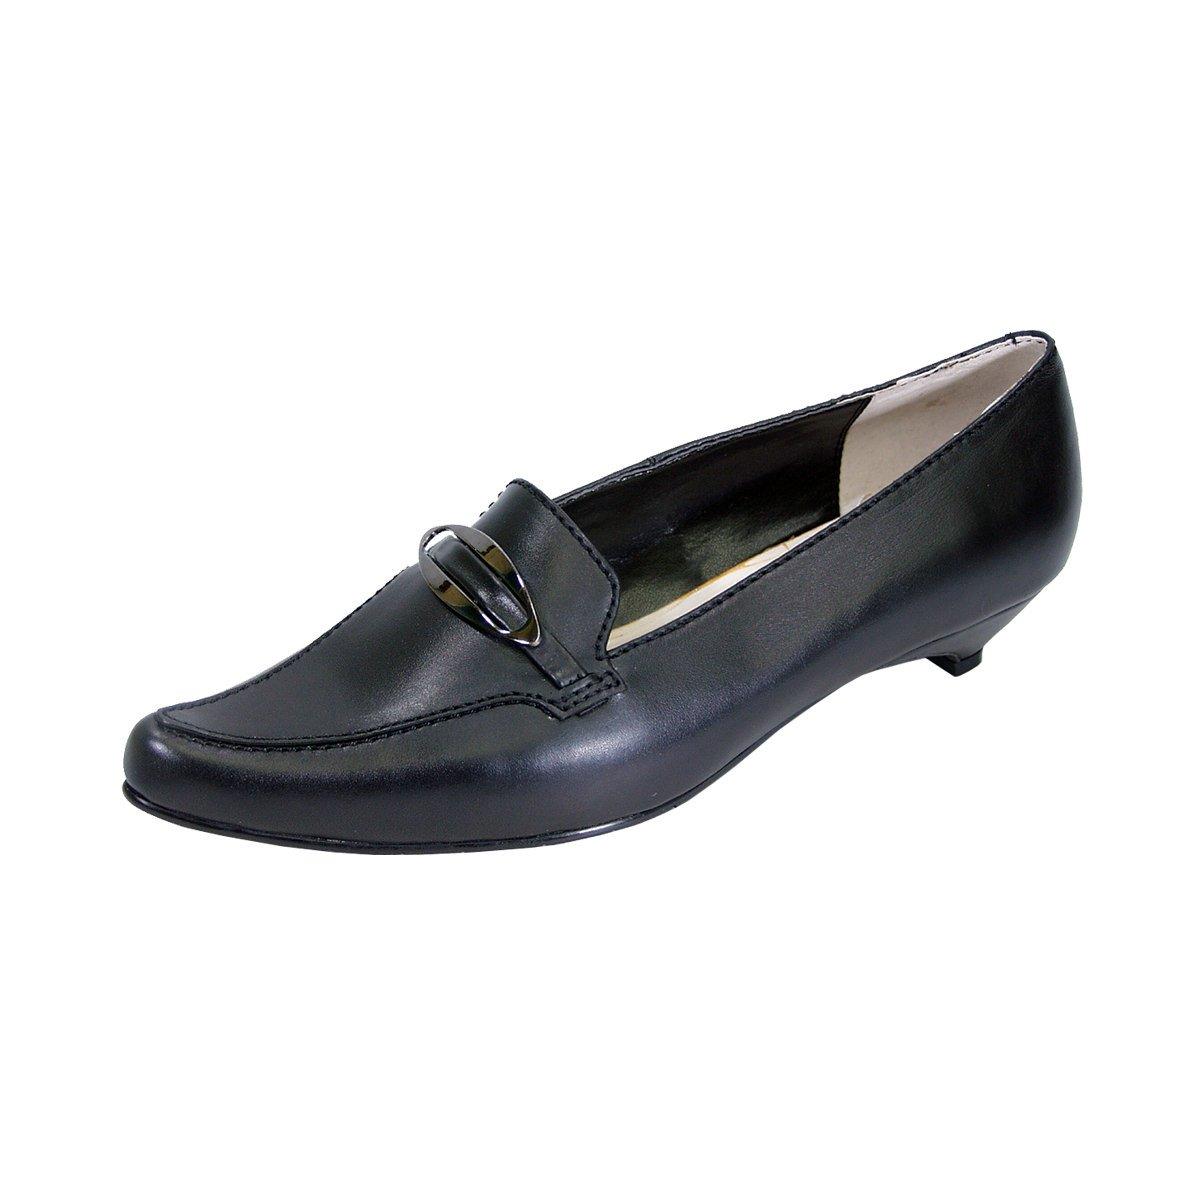 Peerage Louise Women Wide Width Smart Casual Leather Flat Pumps with Kitten Heels (Size/Measurement) B079TD7KZ2 9 E|Black